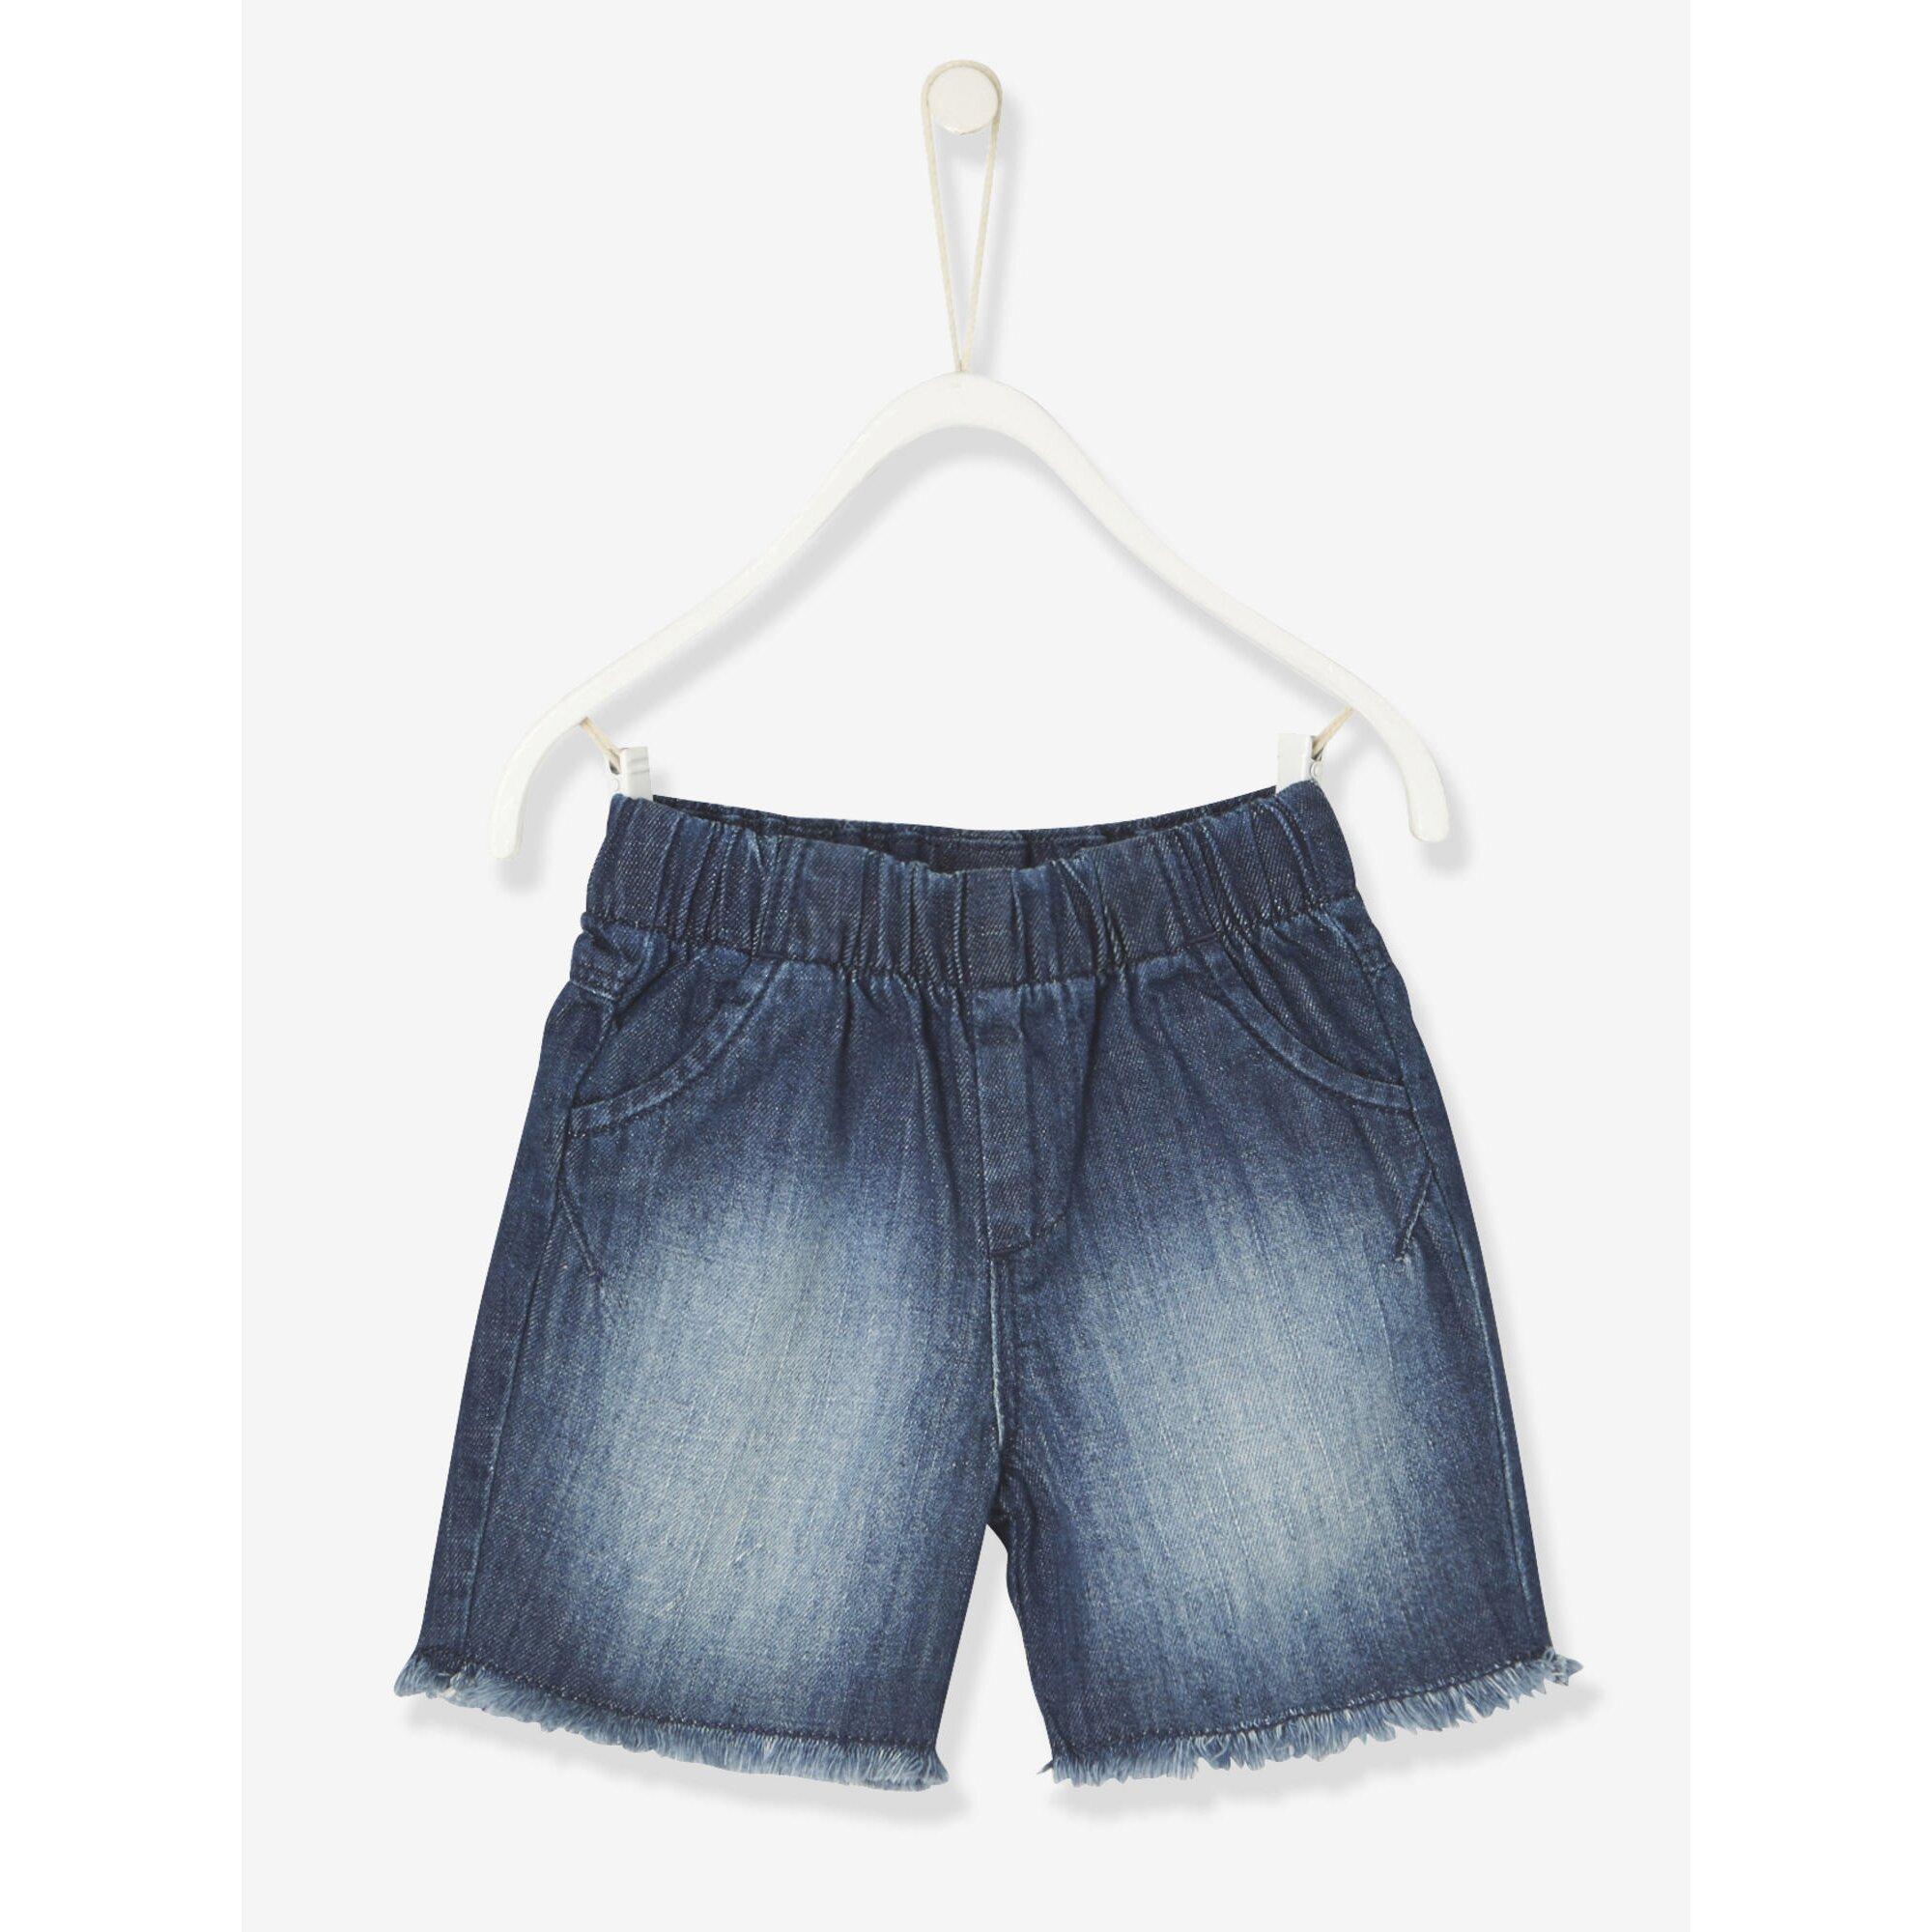 Vertbaudet Jeans-Bermudas für Baby Jungen